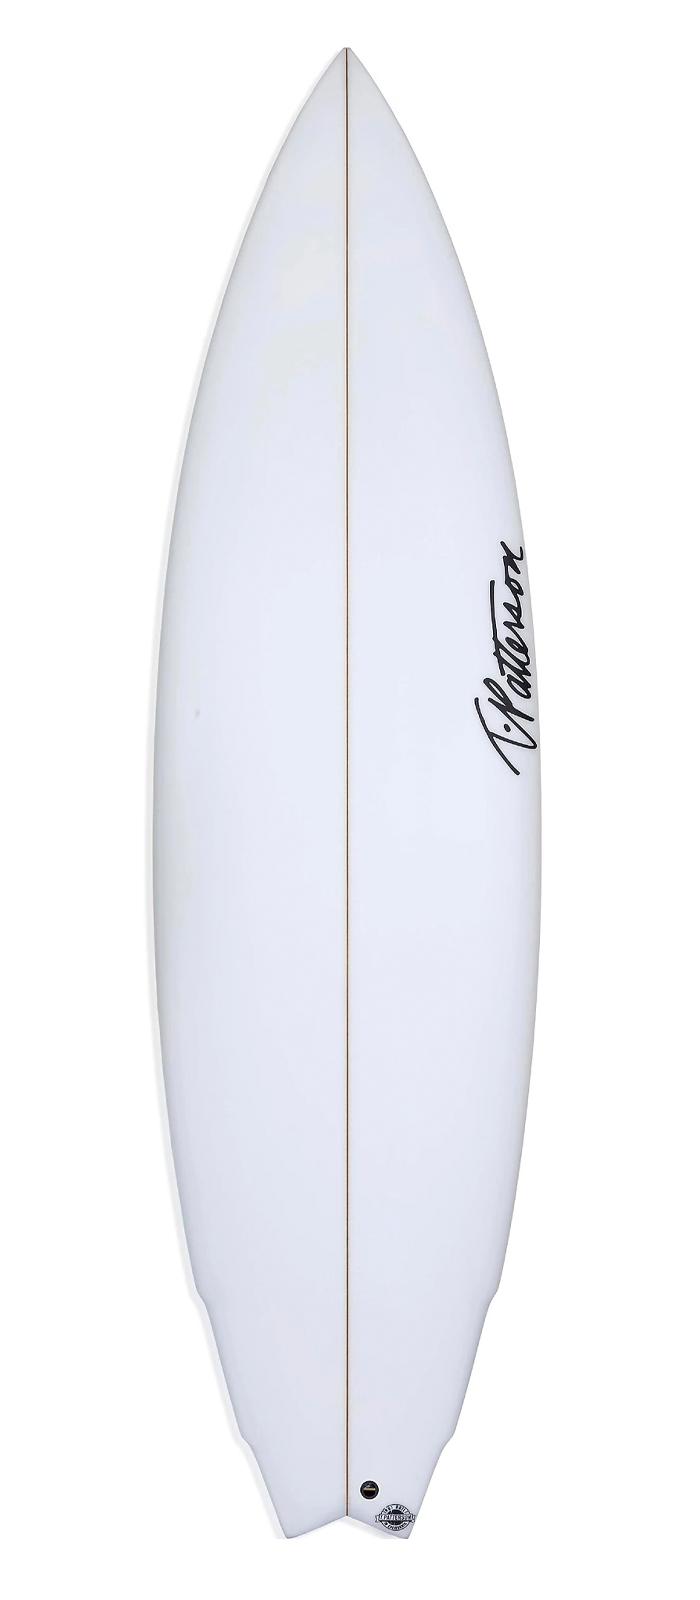 BUILT FOR SPEED surfboard model